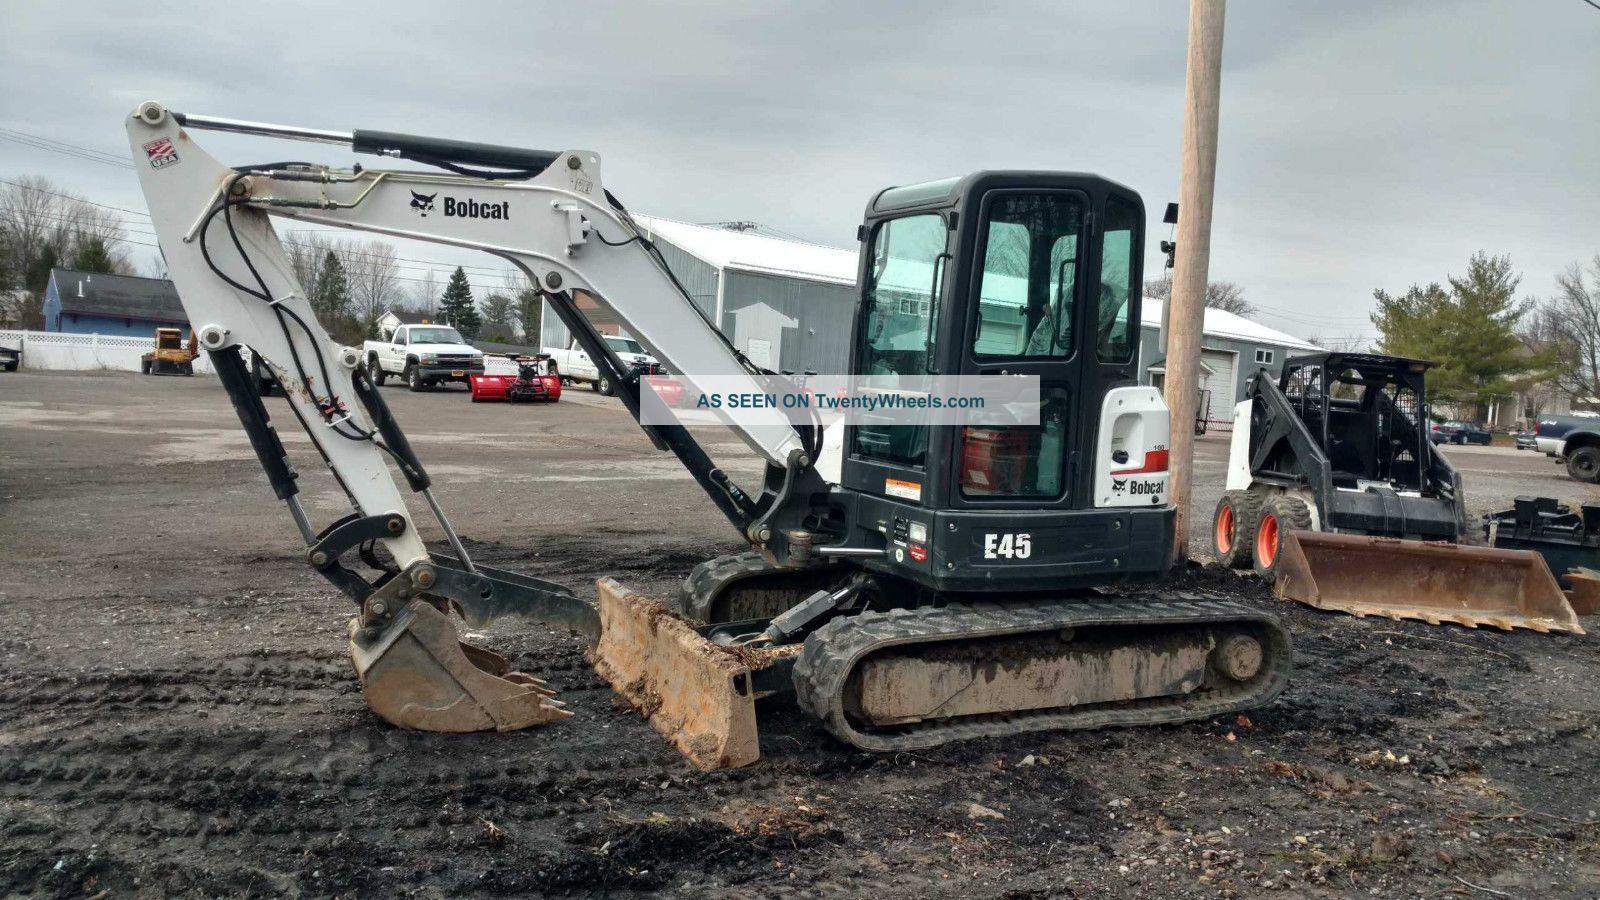 E45 Bobcat Excavators photo